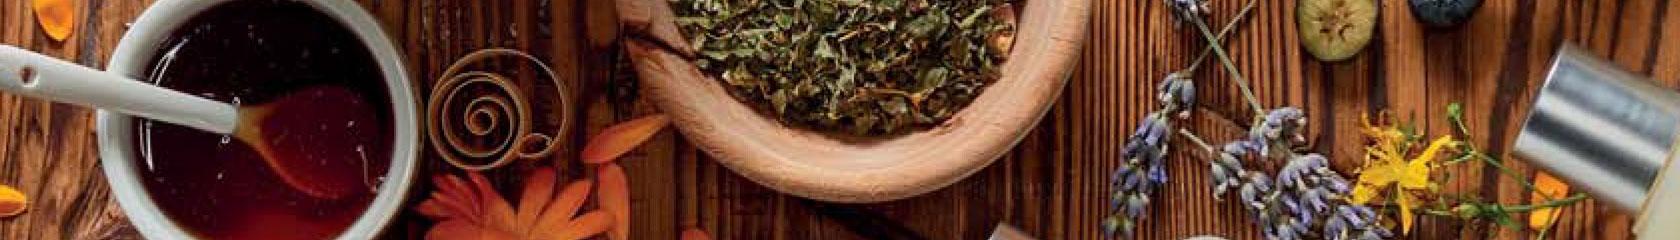 Besondere Massagen und Kombinationen für Gesundheit und Wellness im Hotel Via Salina im Tannheimer Tal